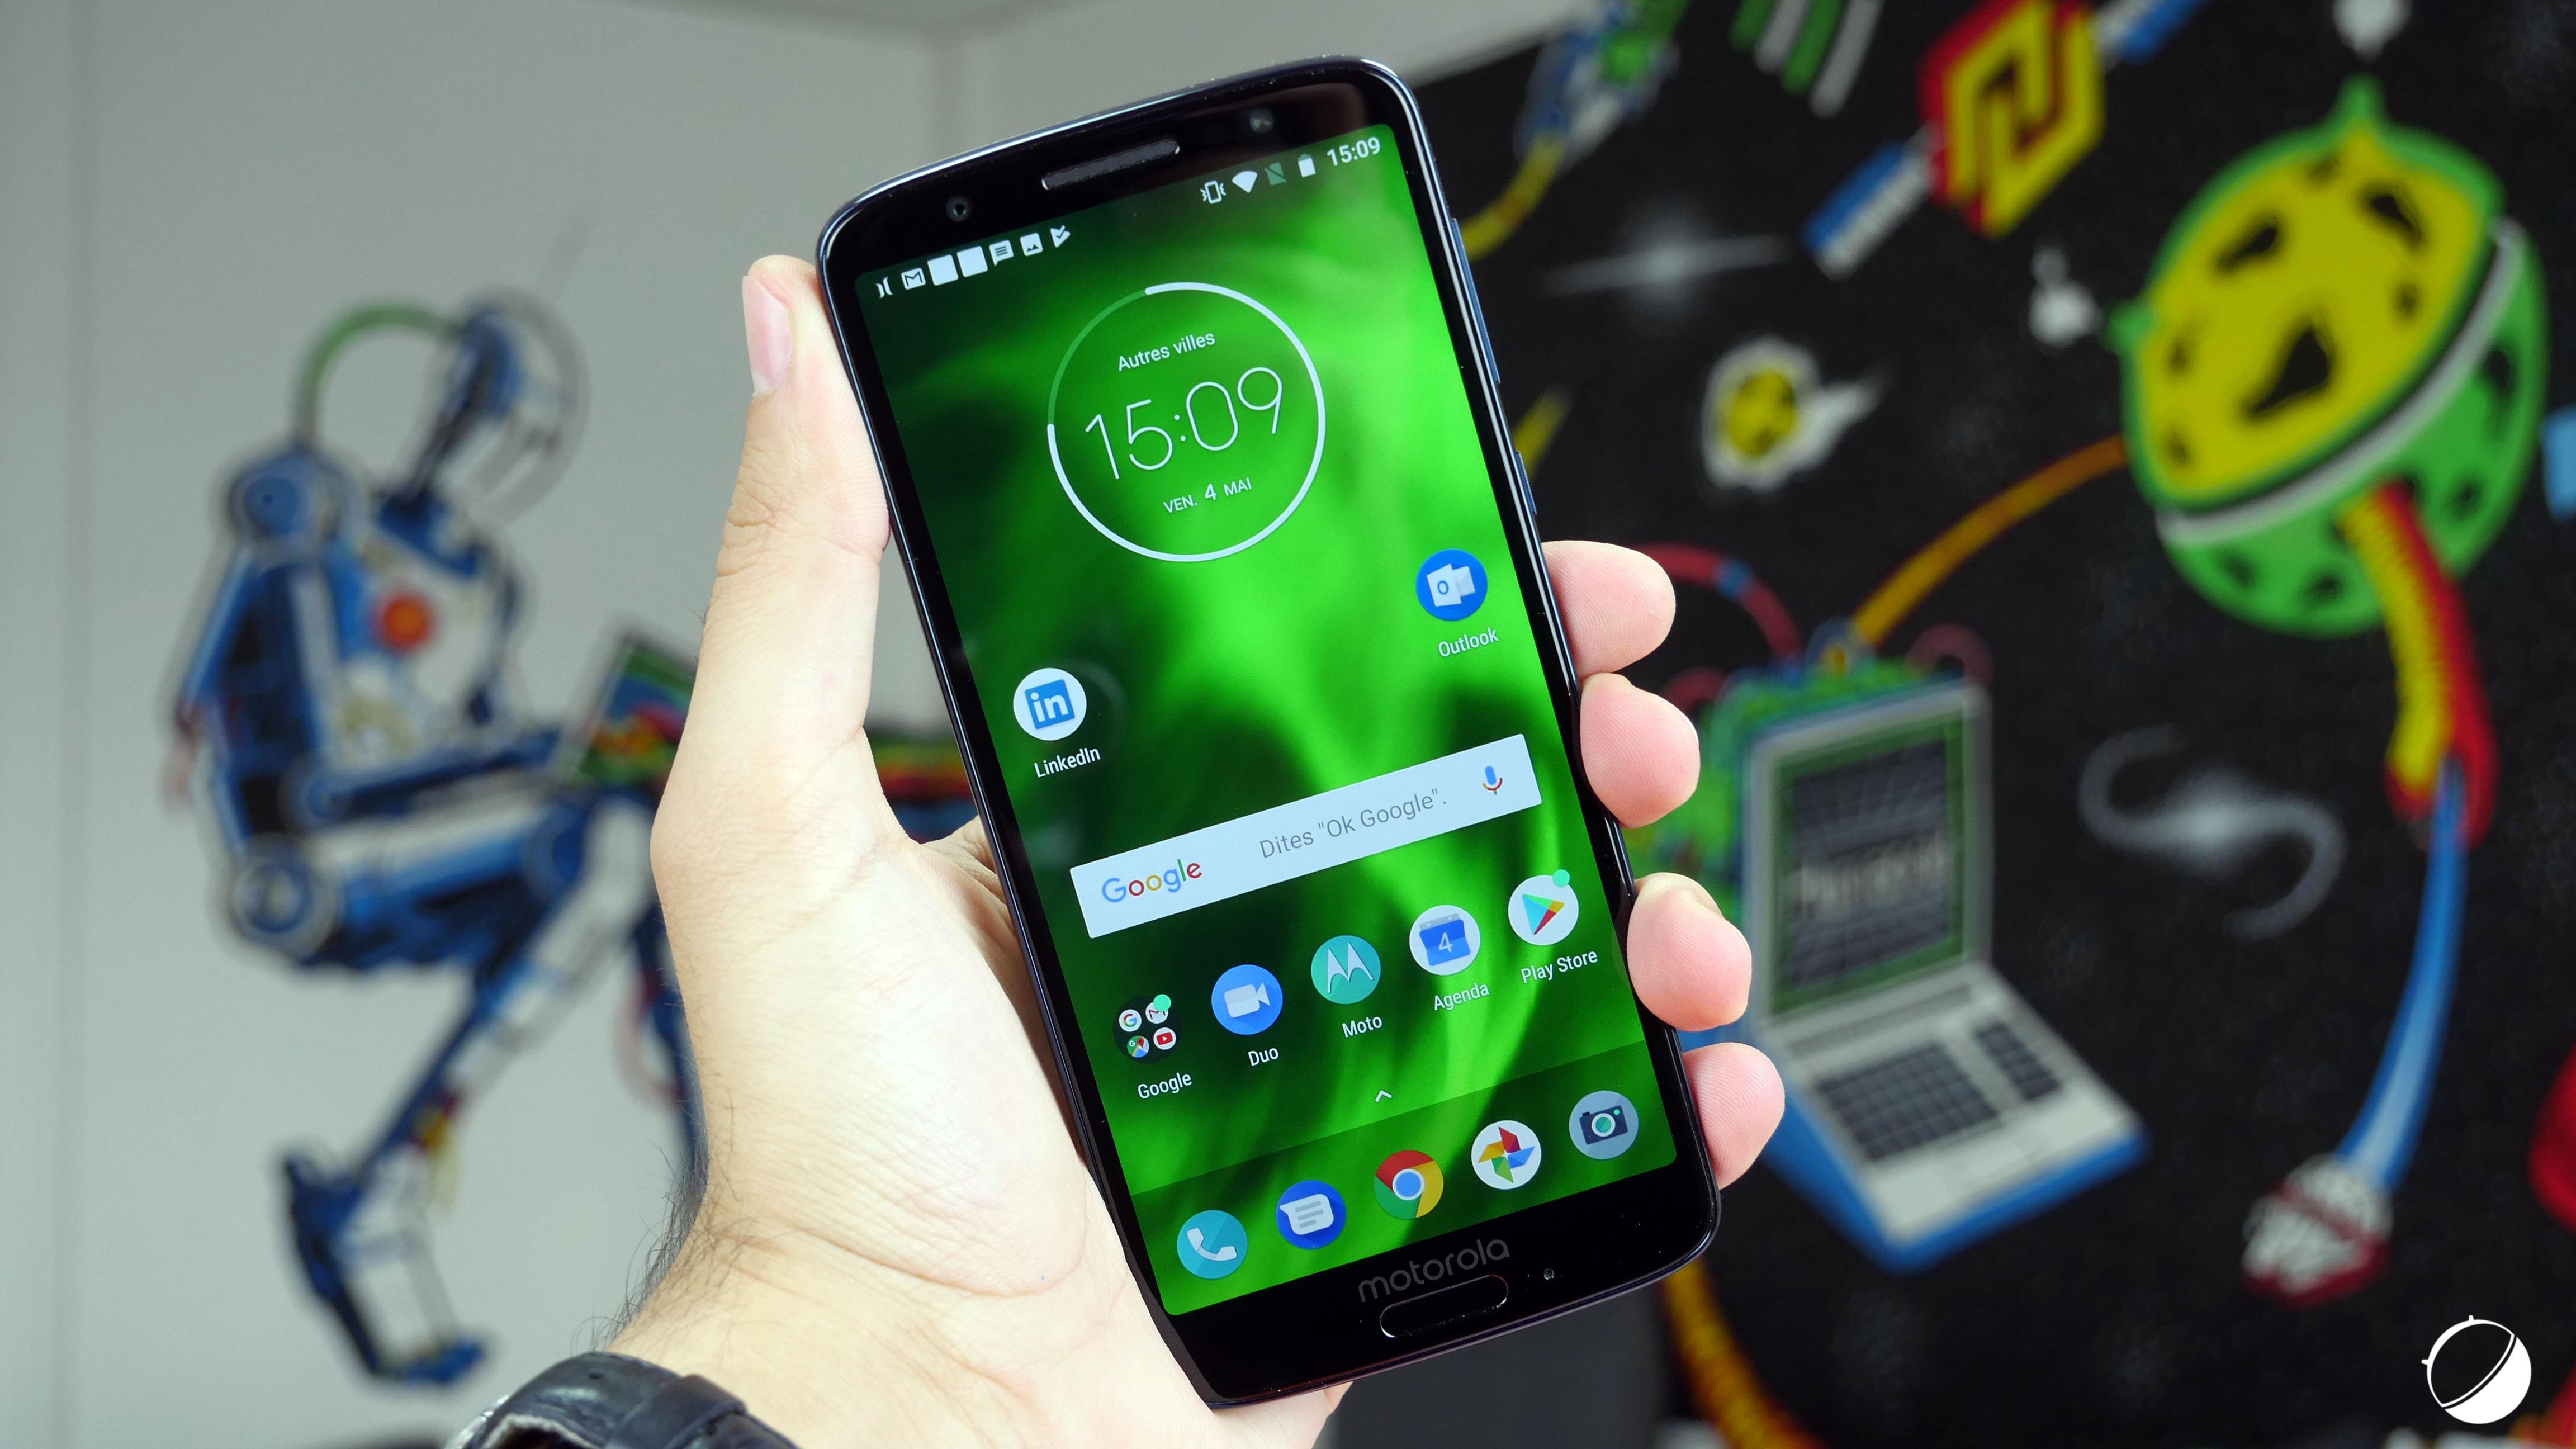 🔥 Bon plan : le Motorola Moto G6 Play est disponible pour 165 euros au lieu de 200 euros